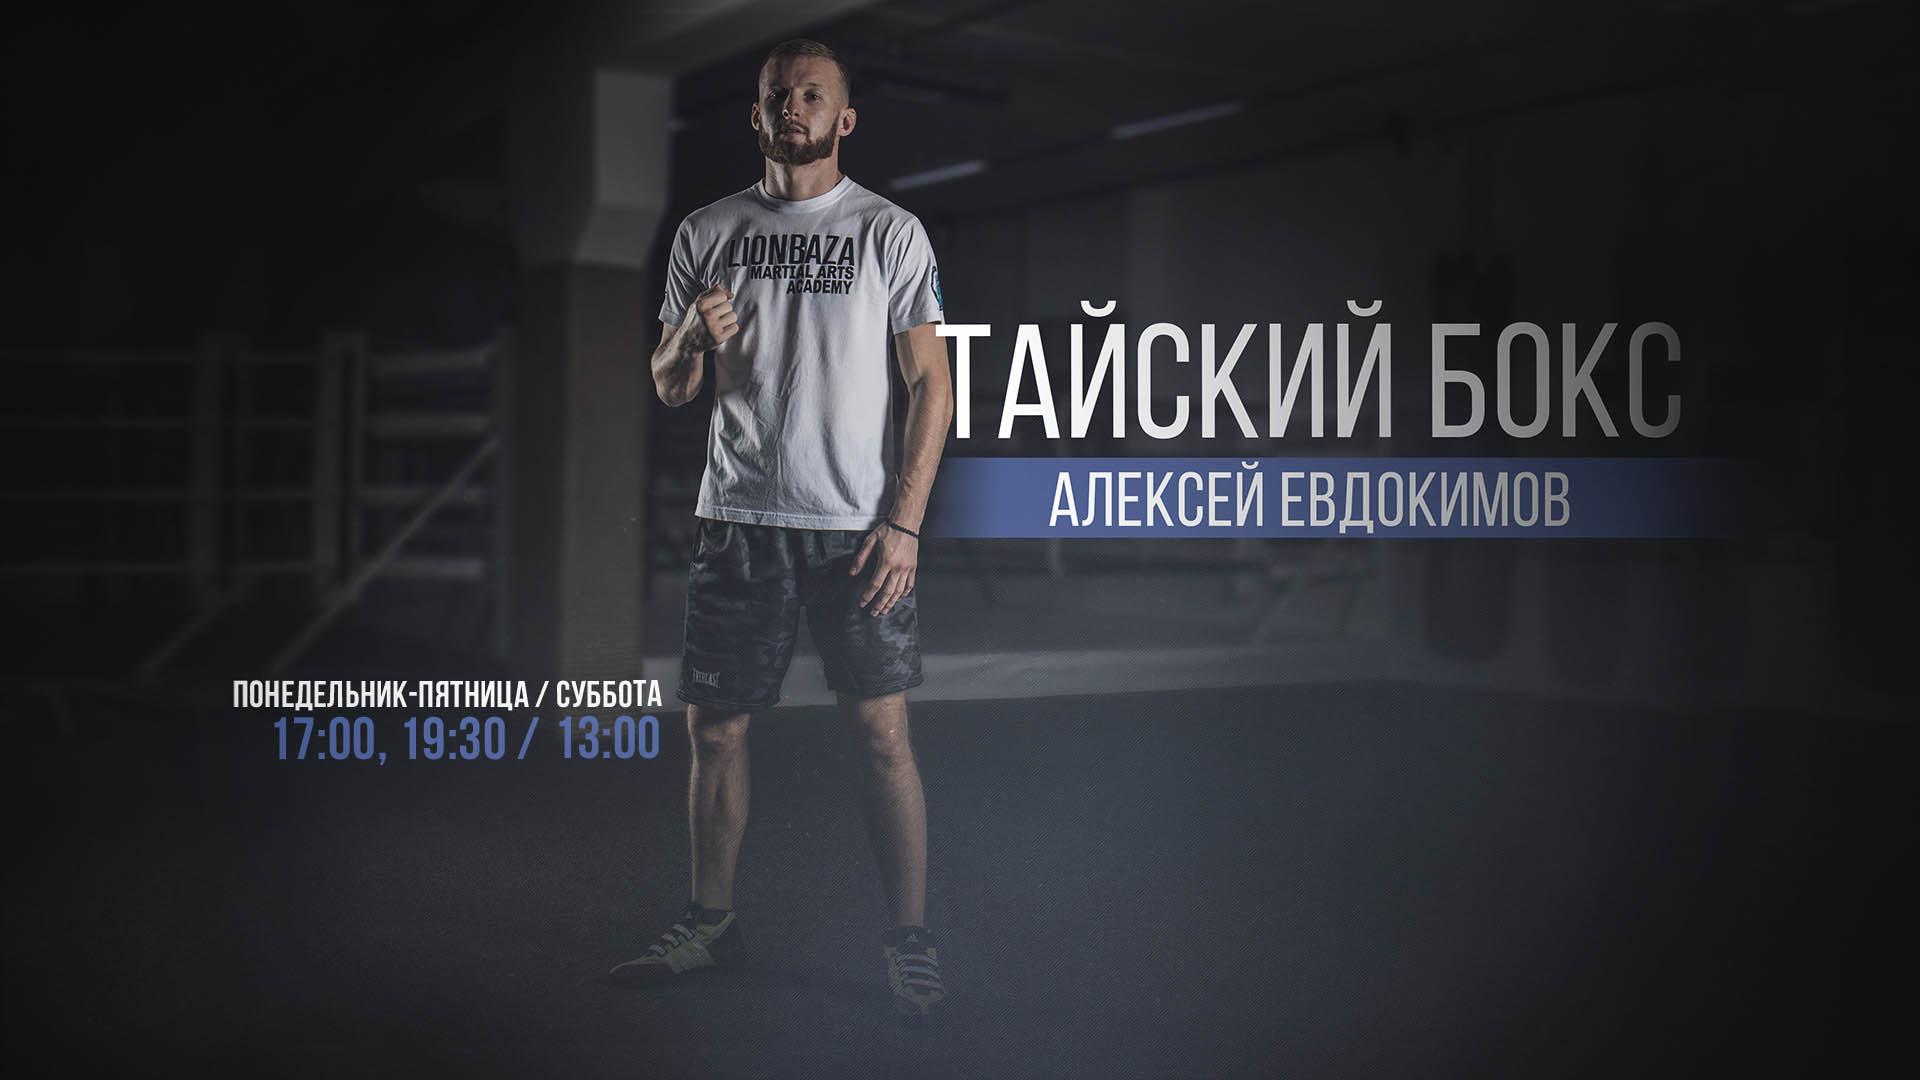 Тайский Бокс (Евдокимов) 20